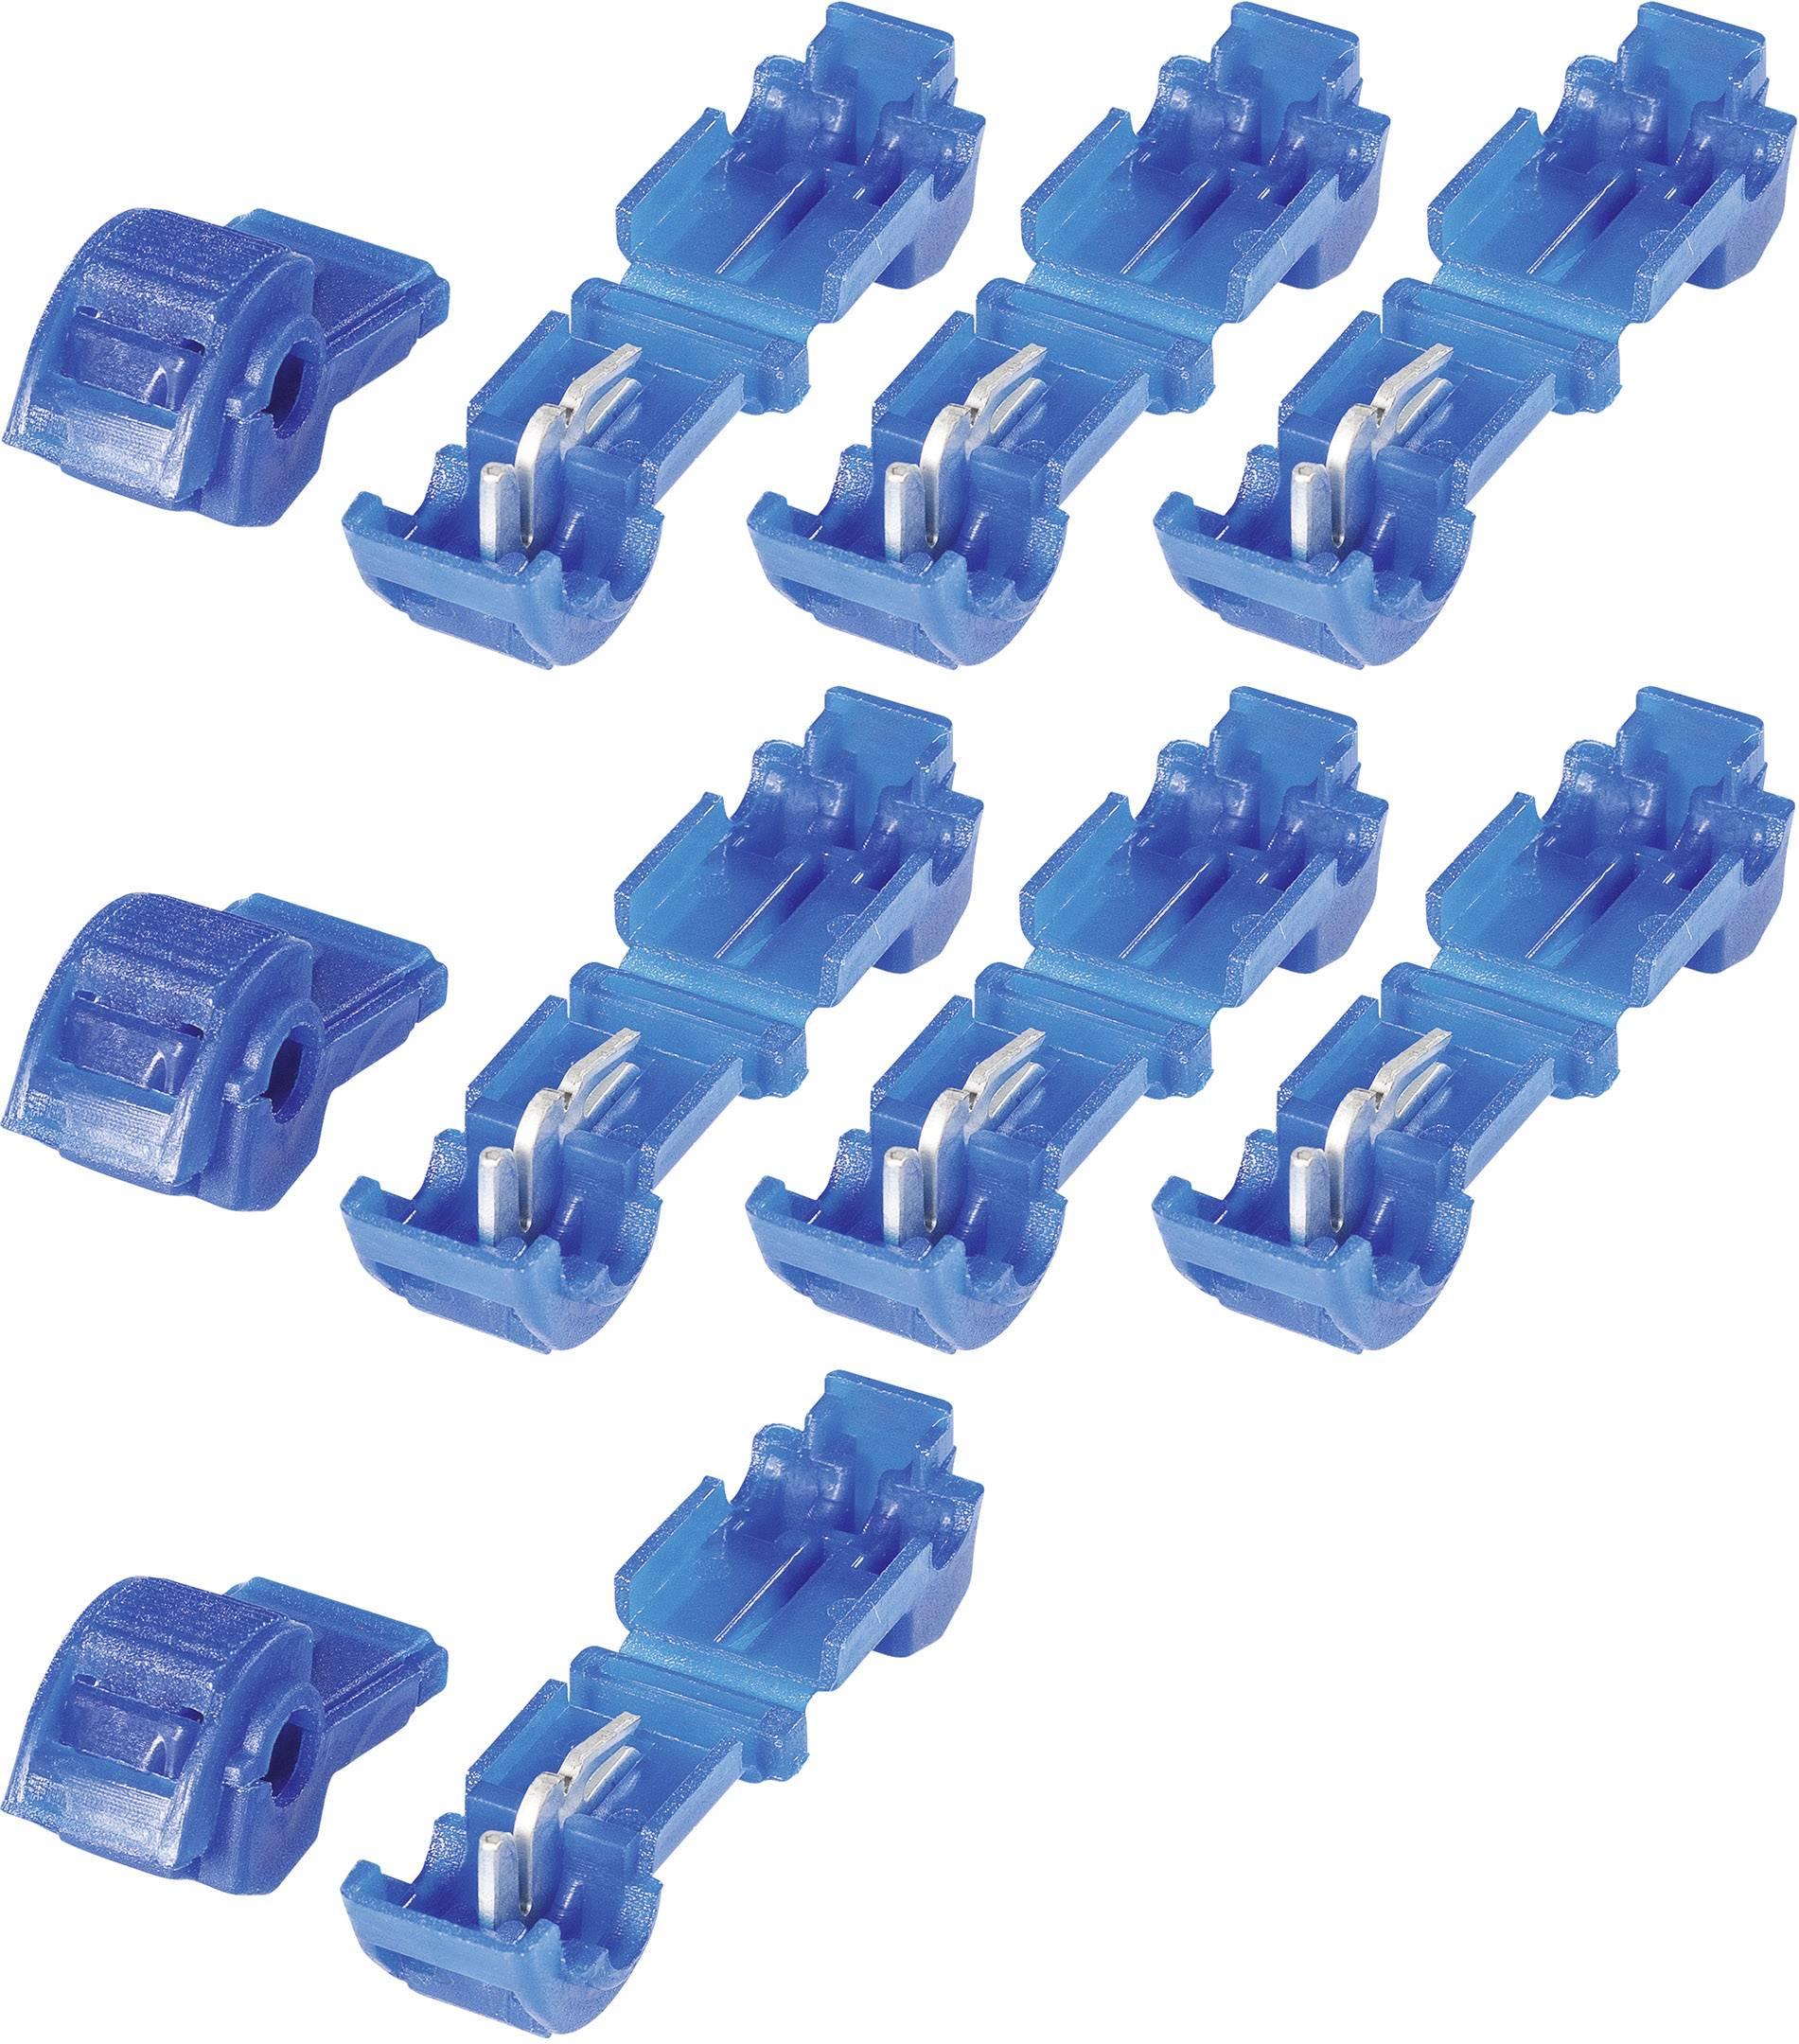 Sada spojok KVA 2,5, 3.250.031, 6,3 mm, 1,5 - 2,5 mm², modrá, 10 ks